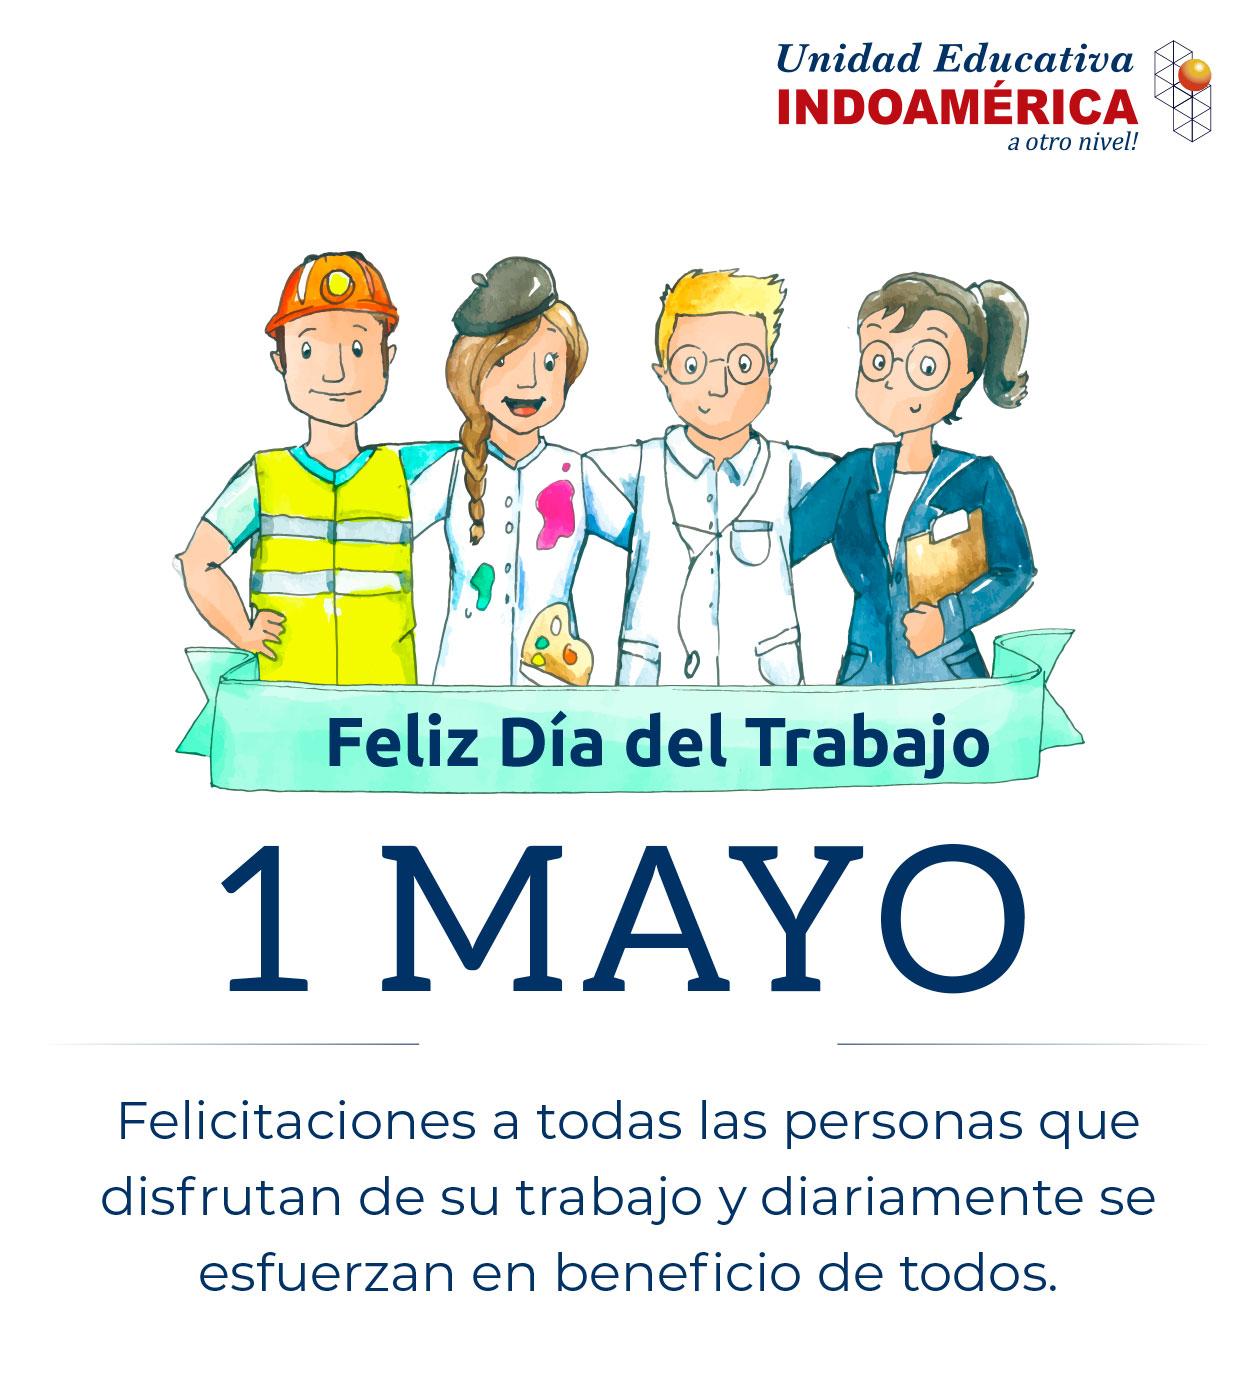 Feliz Día del Trabajo - 1 de Mayo